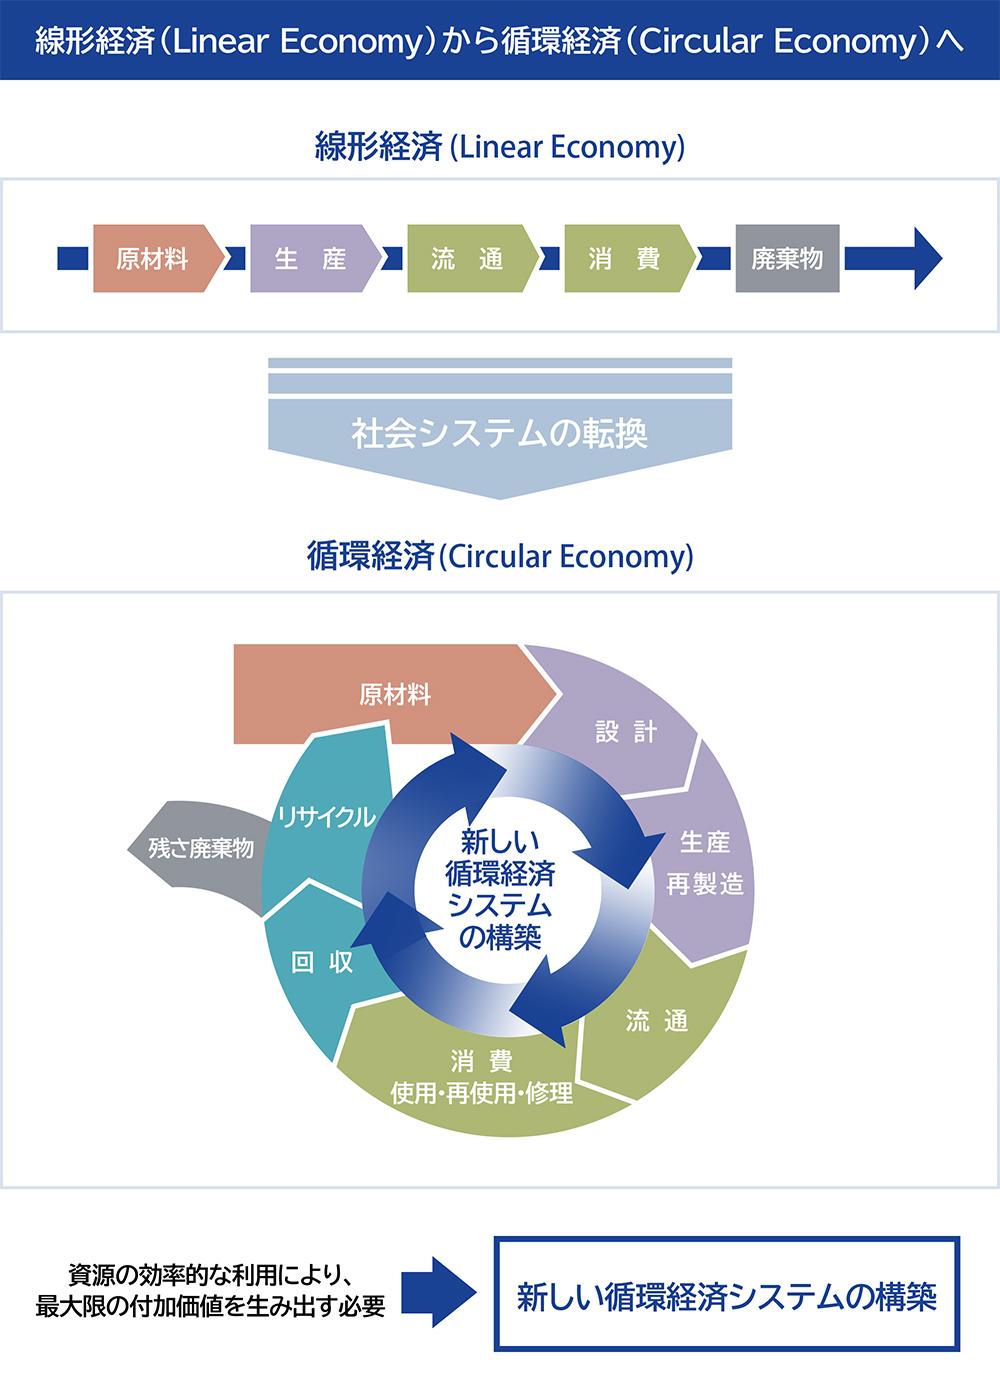 線形経済から循環経済へ